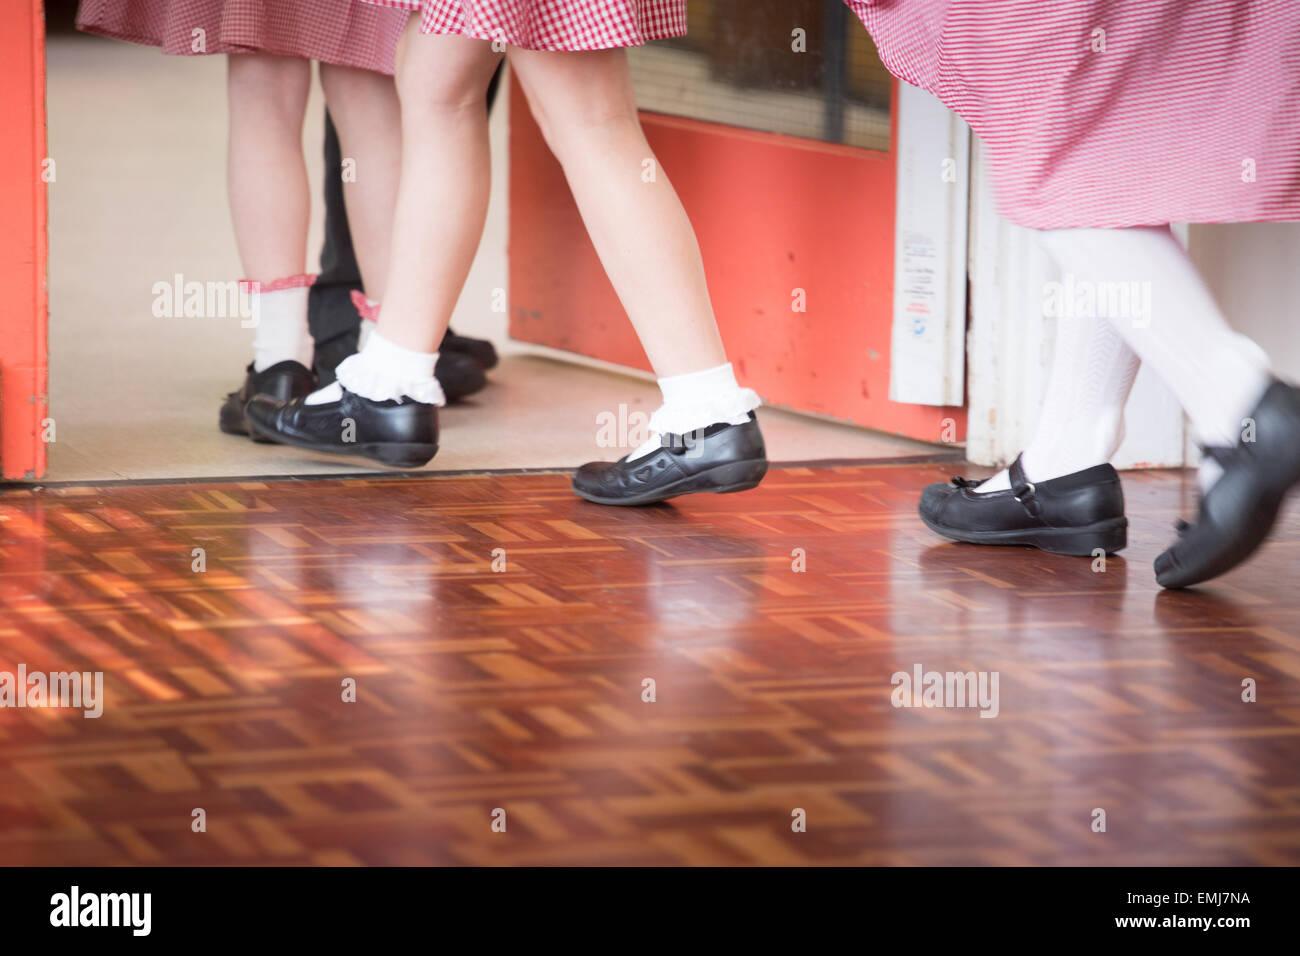 Un groupe d'écoliers britanniques quittent la salle d'école après - uniquement les jambes Photo Stock